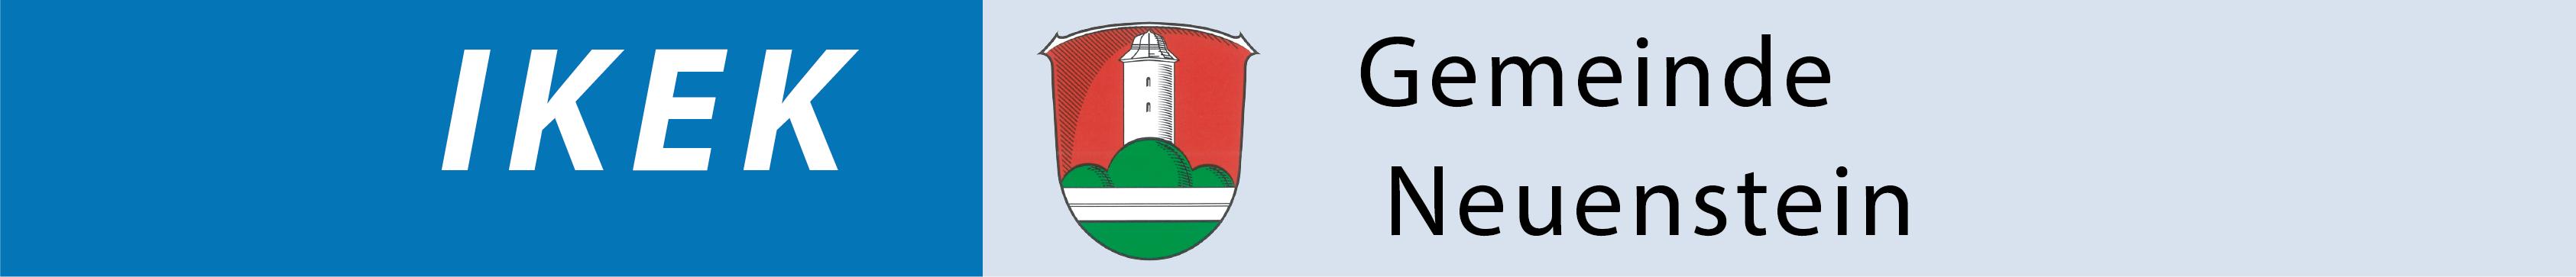 IKEK Neuenstein Logo